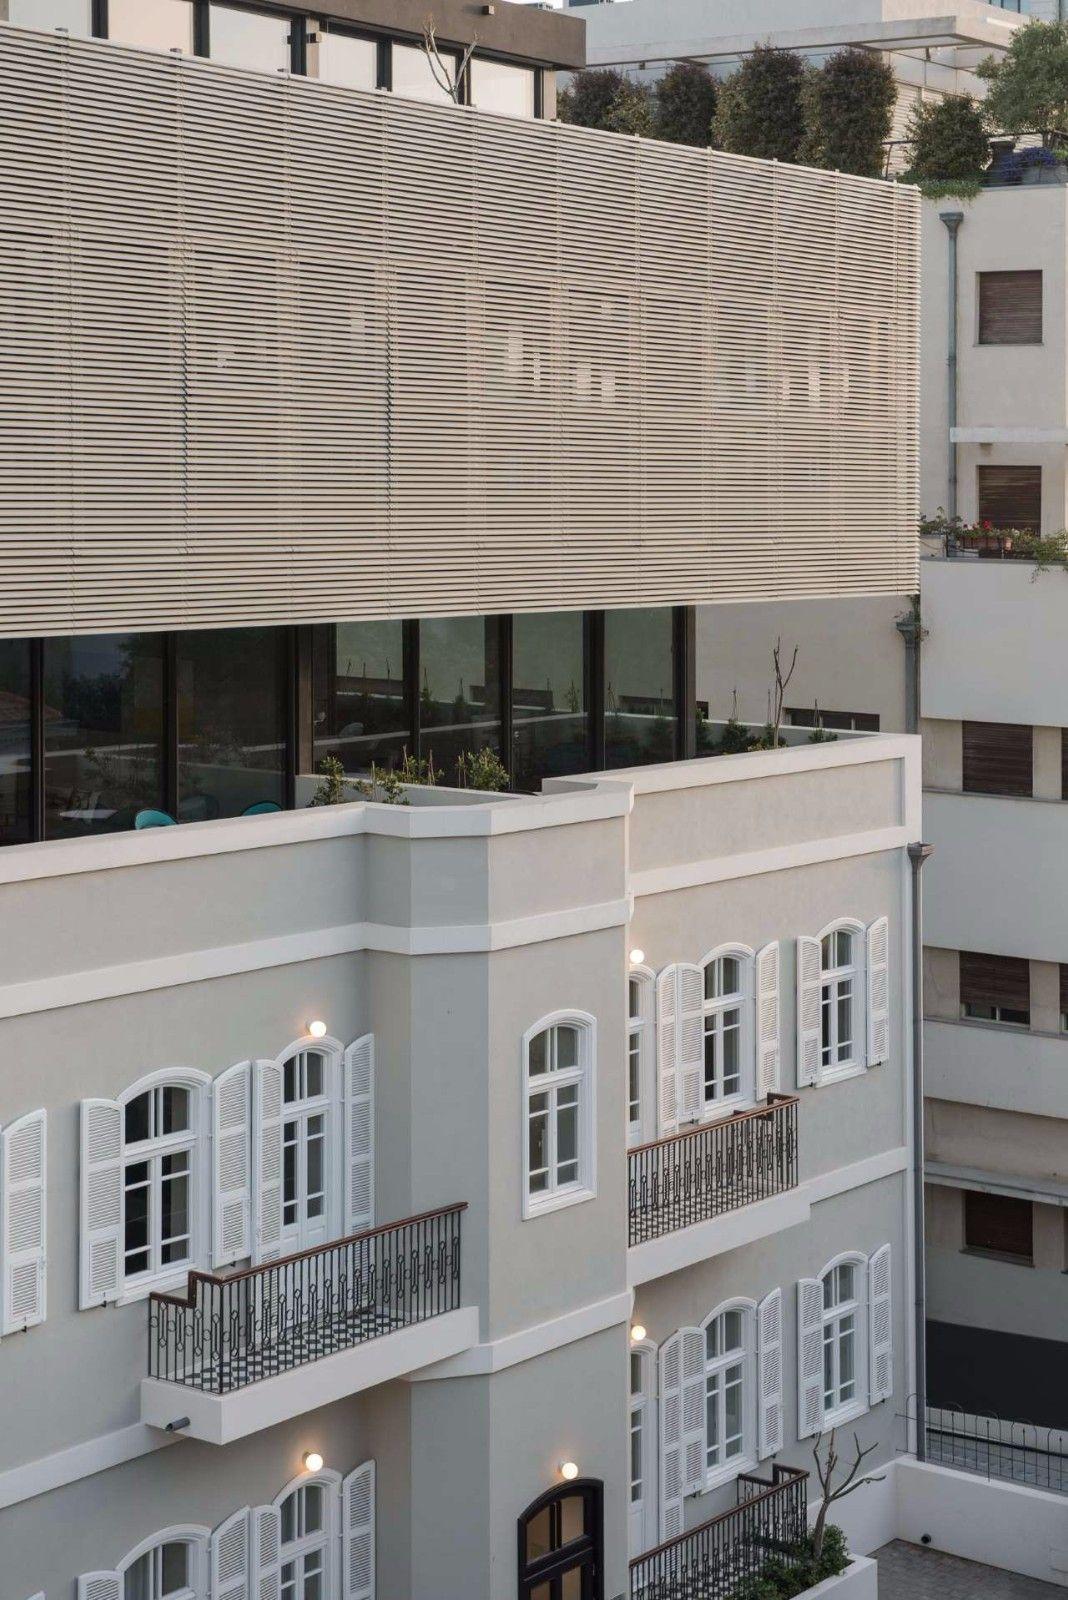 首发 | 特拉维夫:低调奢华现代精致 the Levee酒店